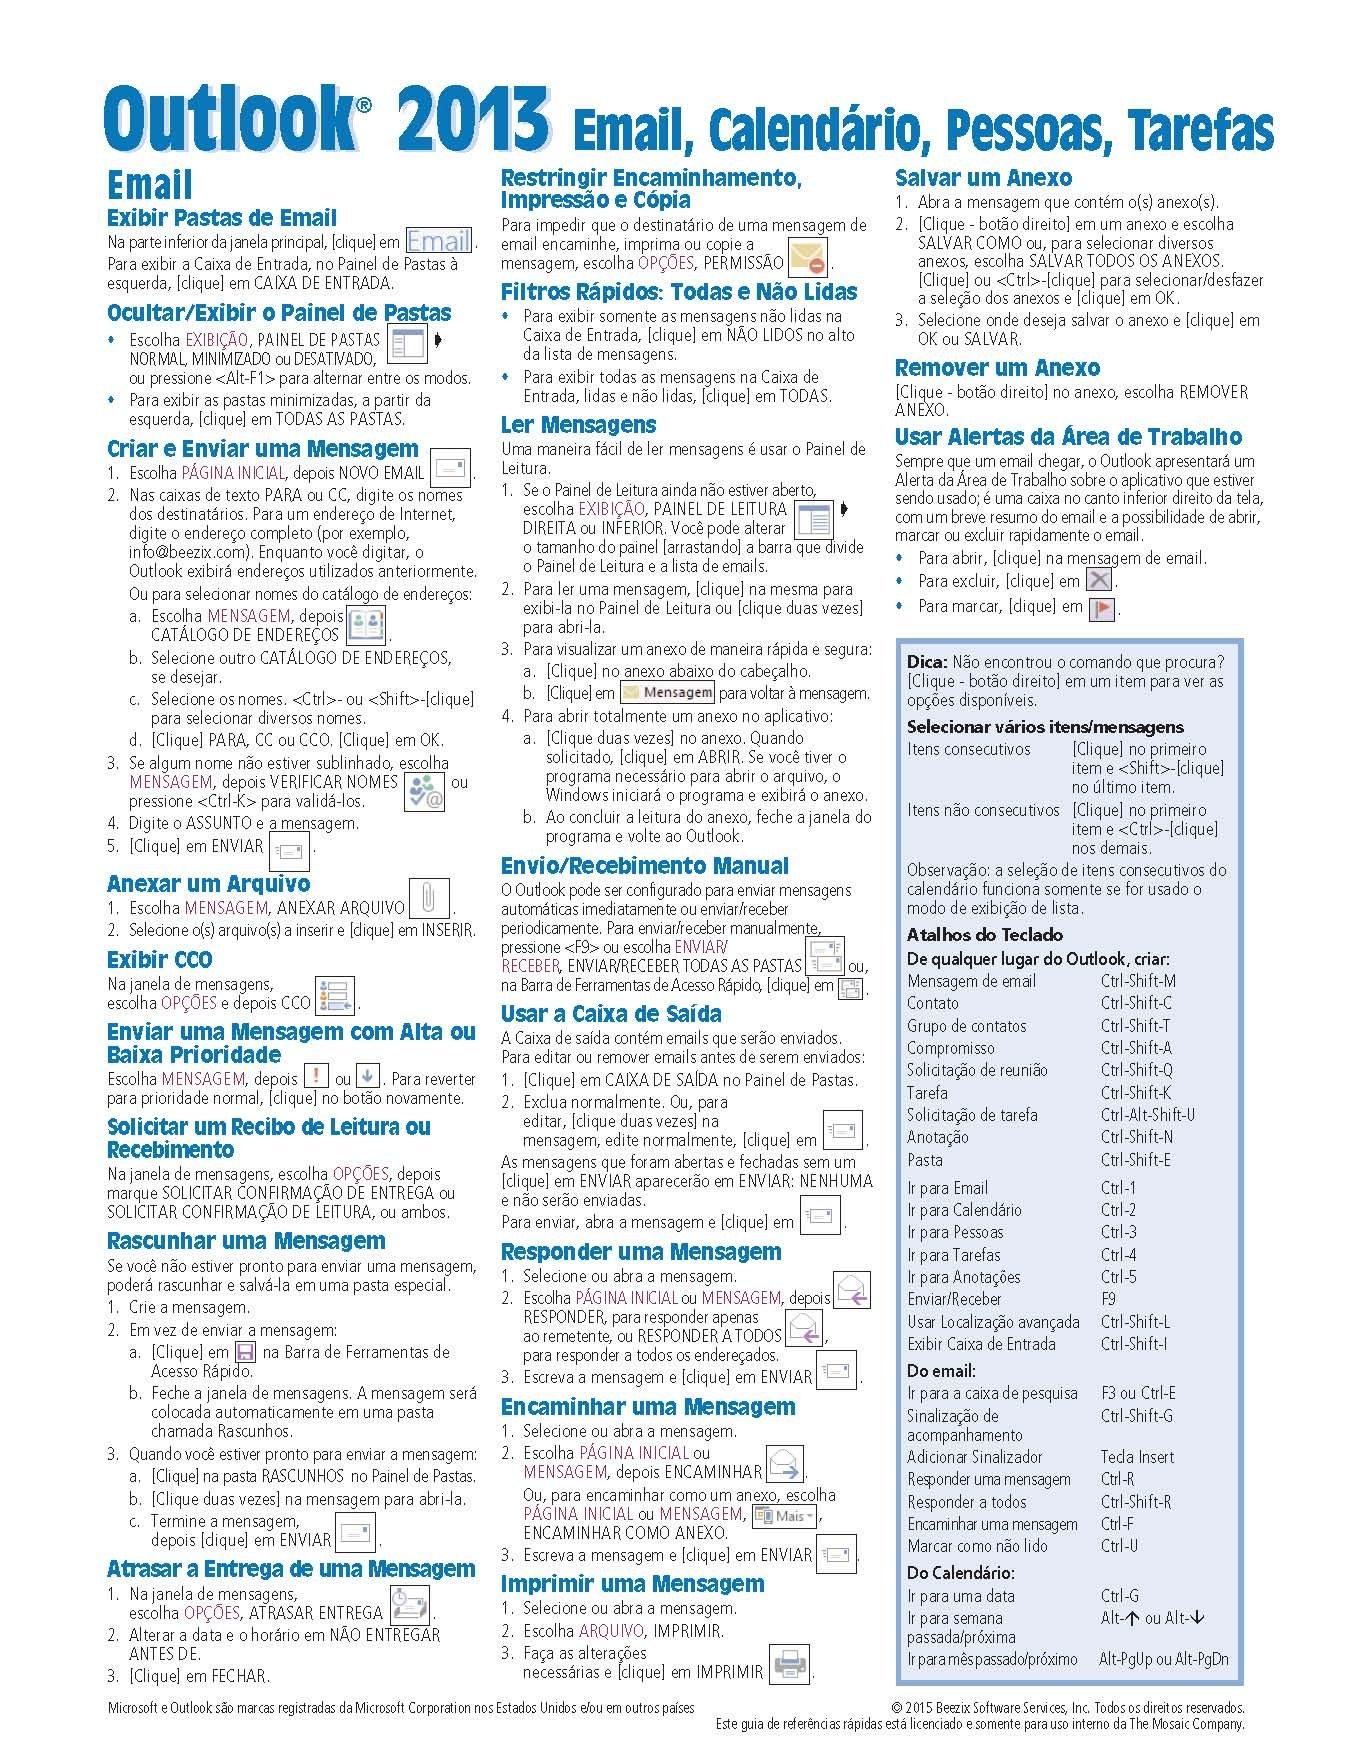 Calendario Outlook.Microsoft Outlook 2013 Referencia Rapida De E Mail